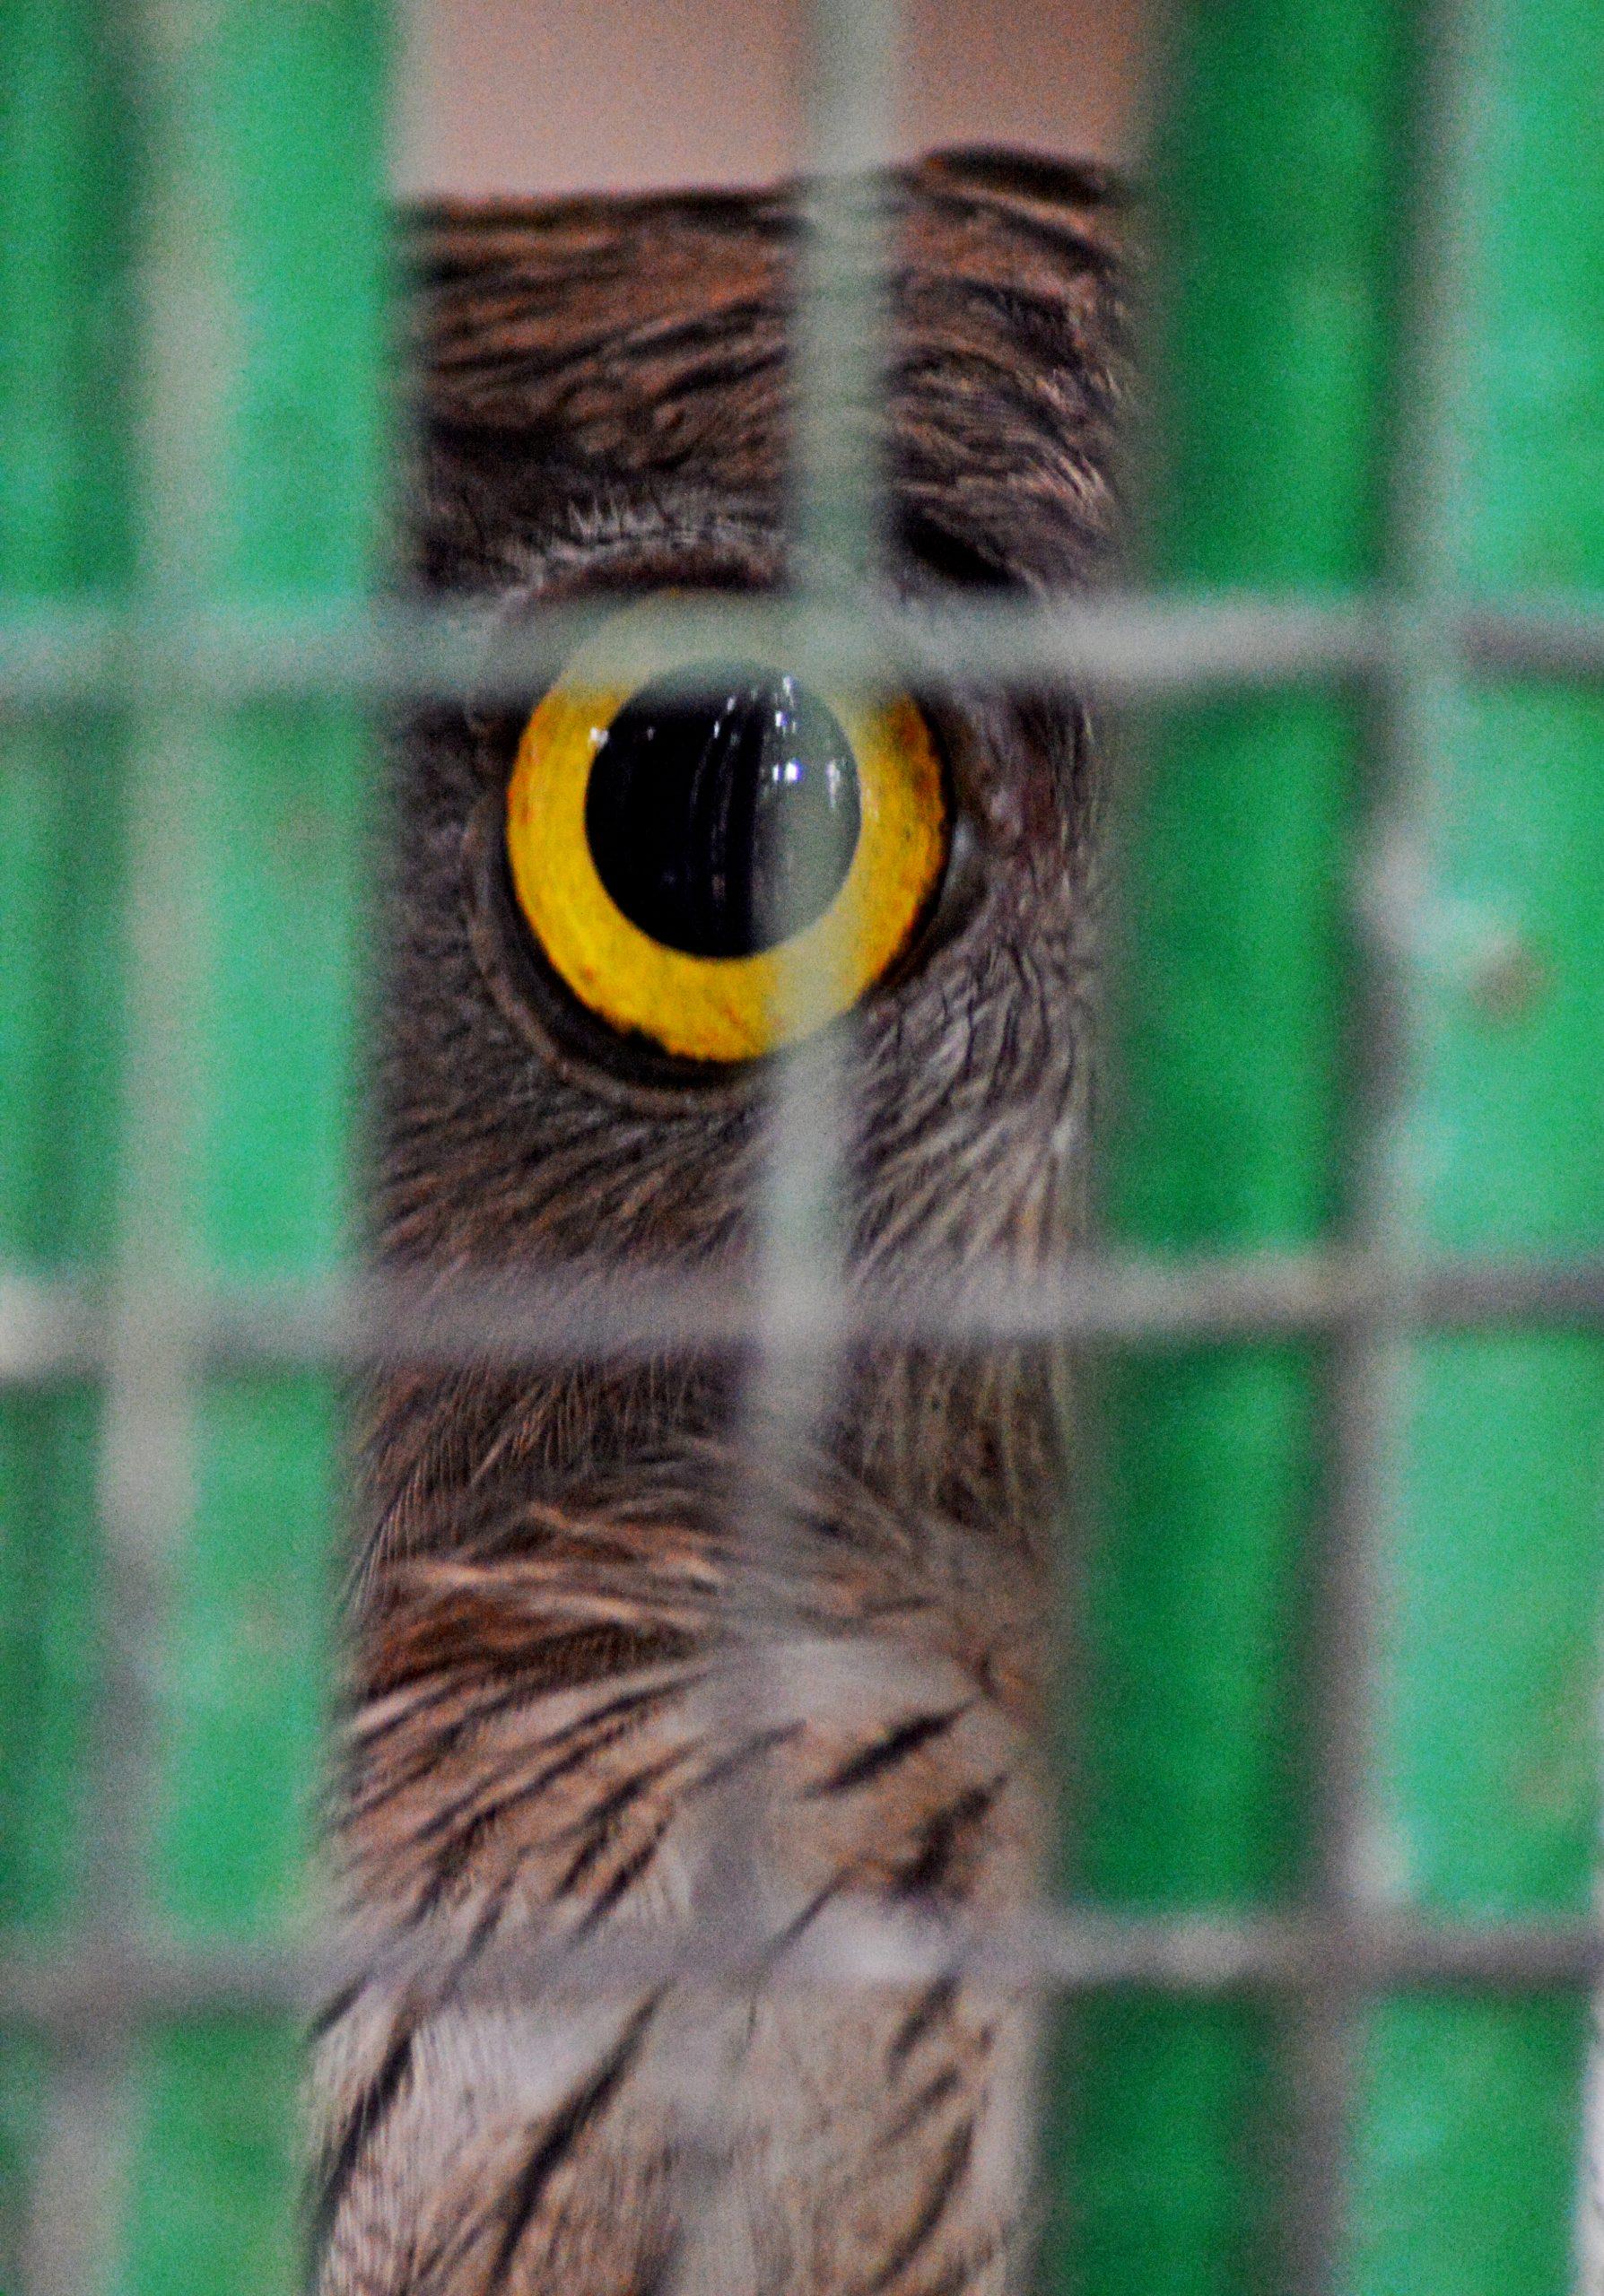 owl's eye through a cage